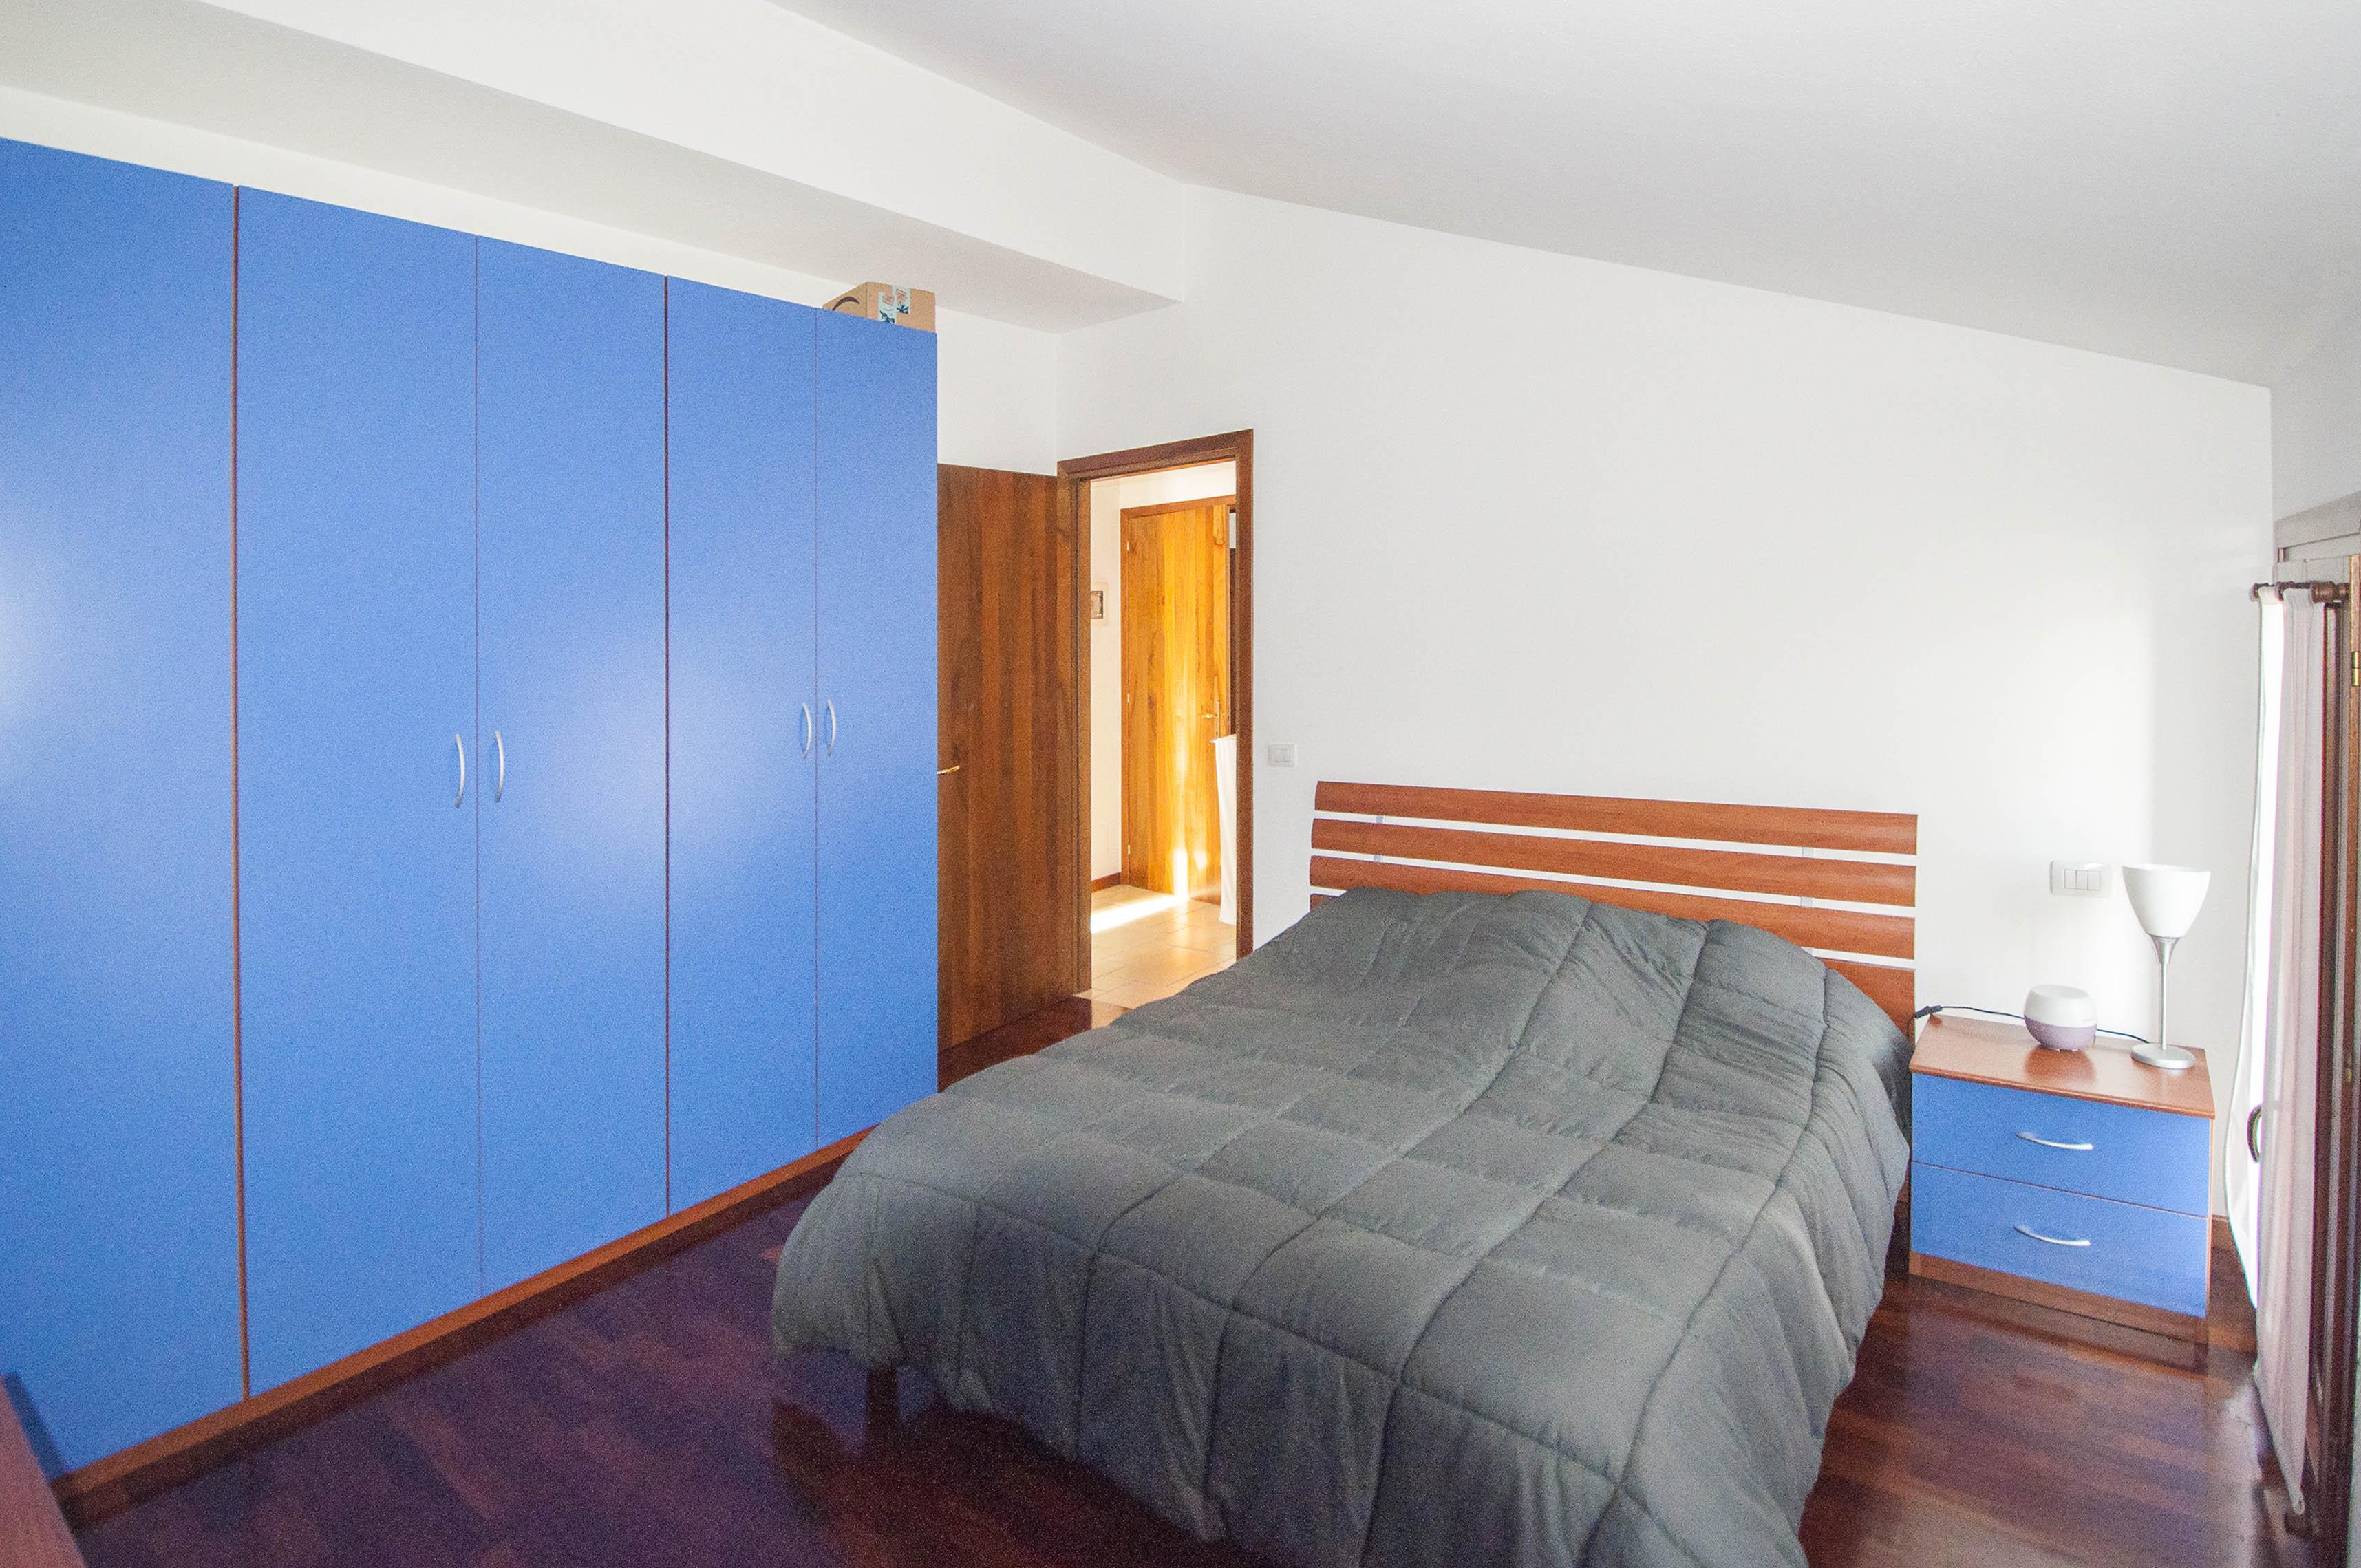 Camere-in-affitto-Villorba-Treviso-Ospedale-Stazione-Studio-Architettura-Zanatta_02